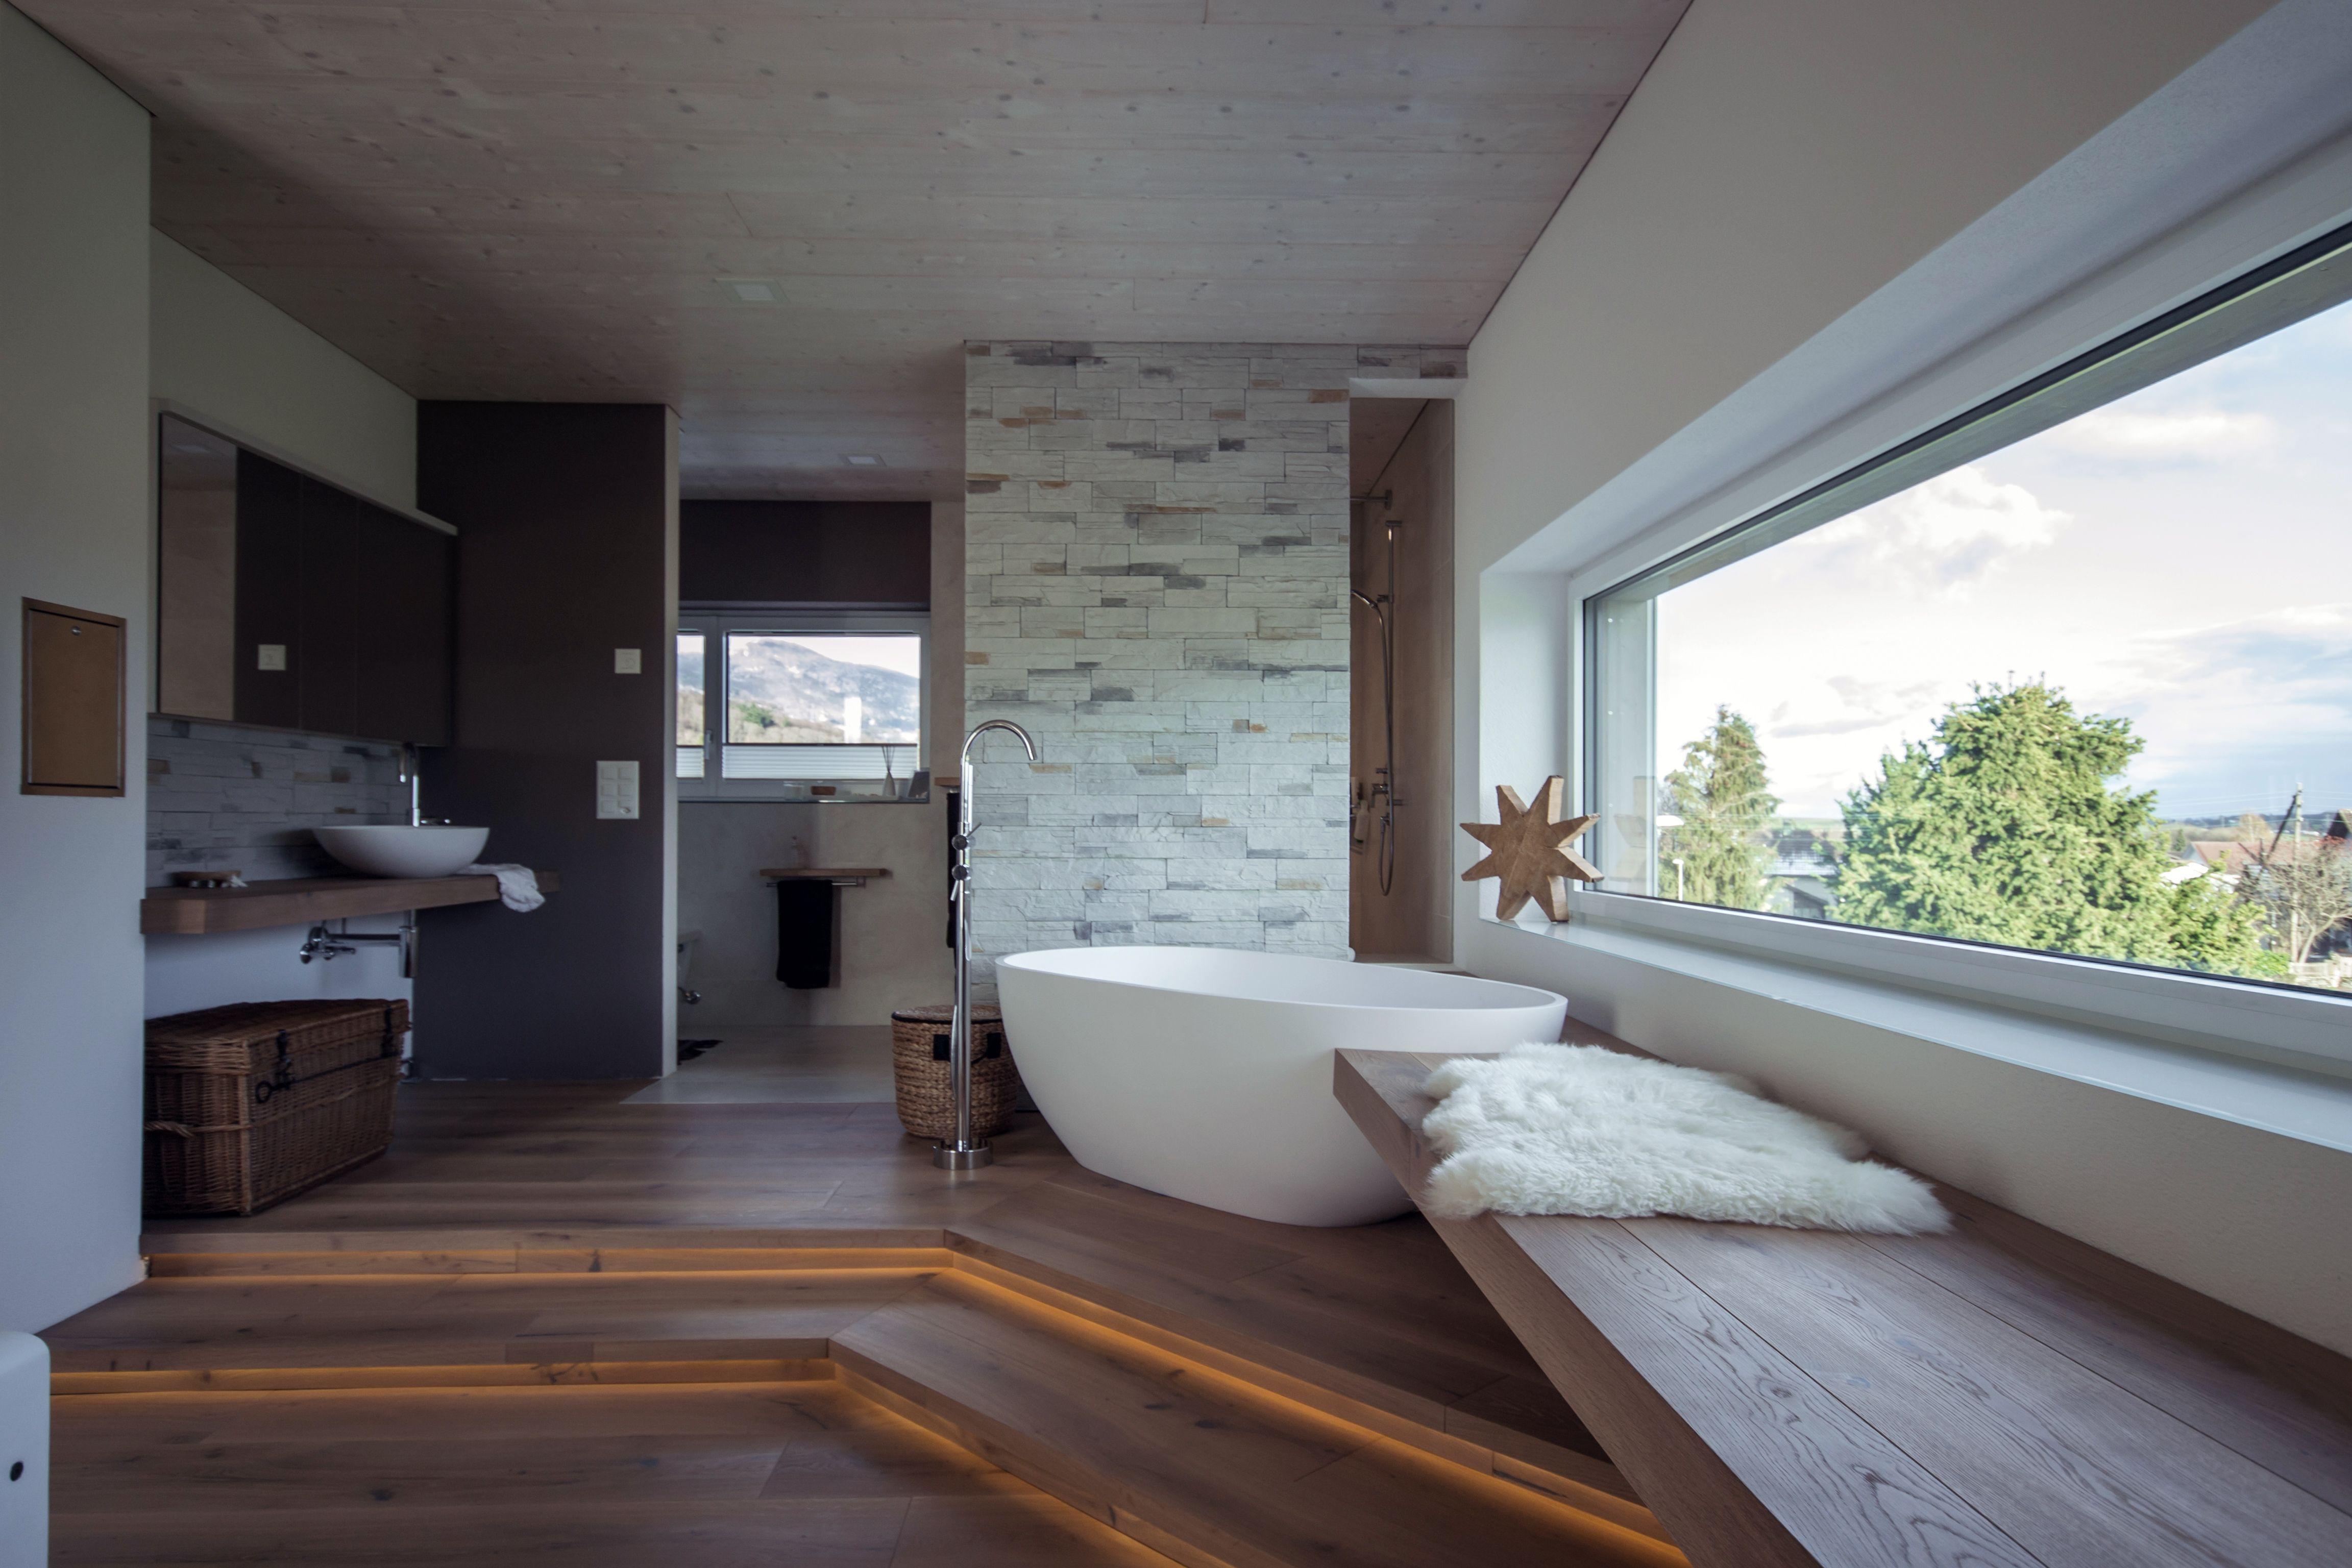 Luino | Badewannen, Bäder und Badausstattung